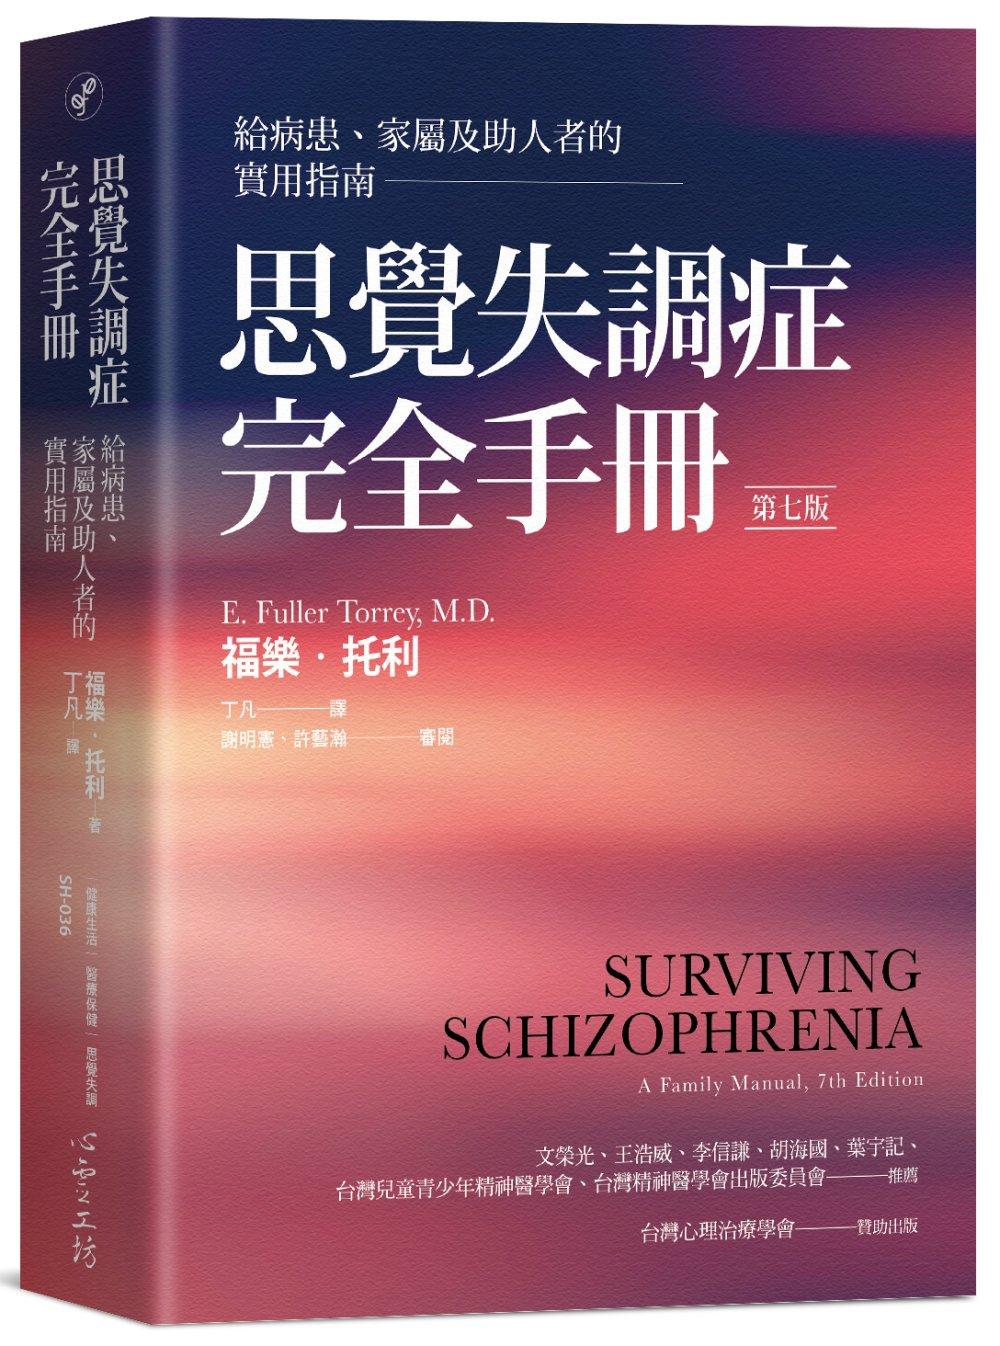 思覺失調症完全手冊:給病患、家屬及助人者的實用指南(第七版)